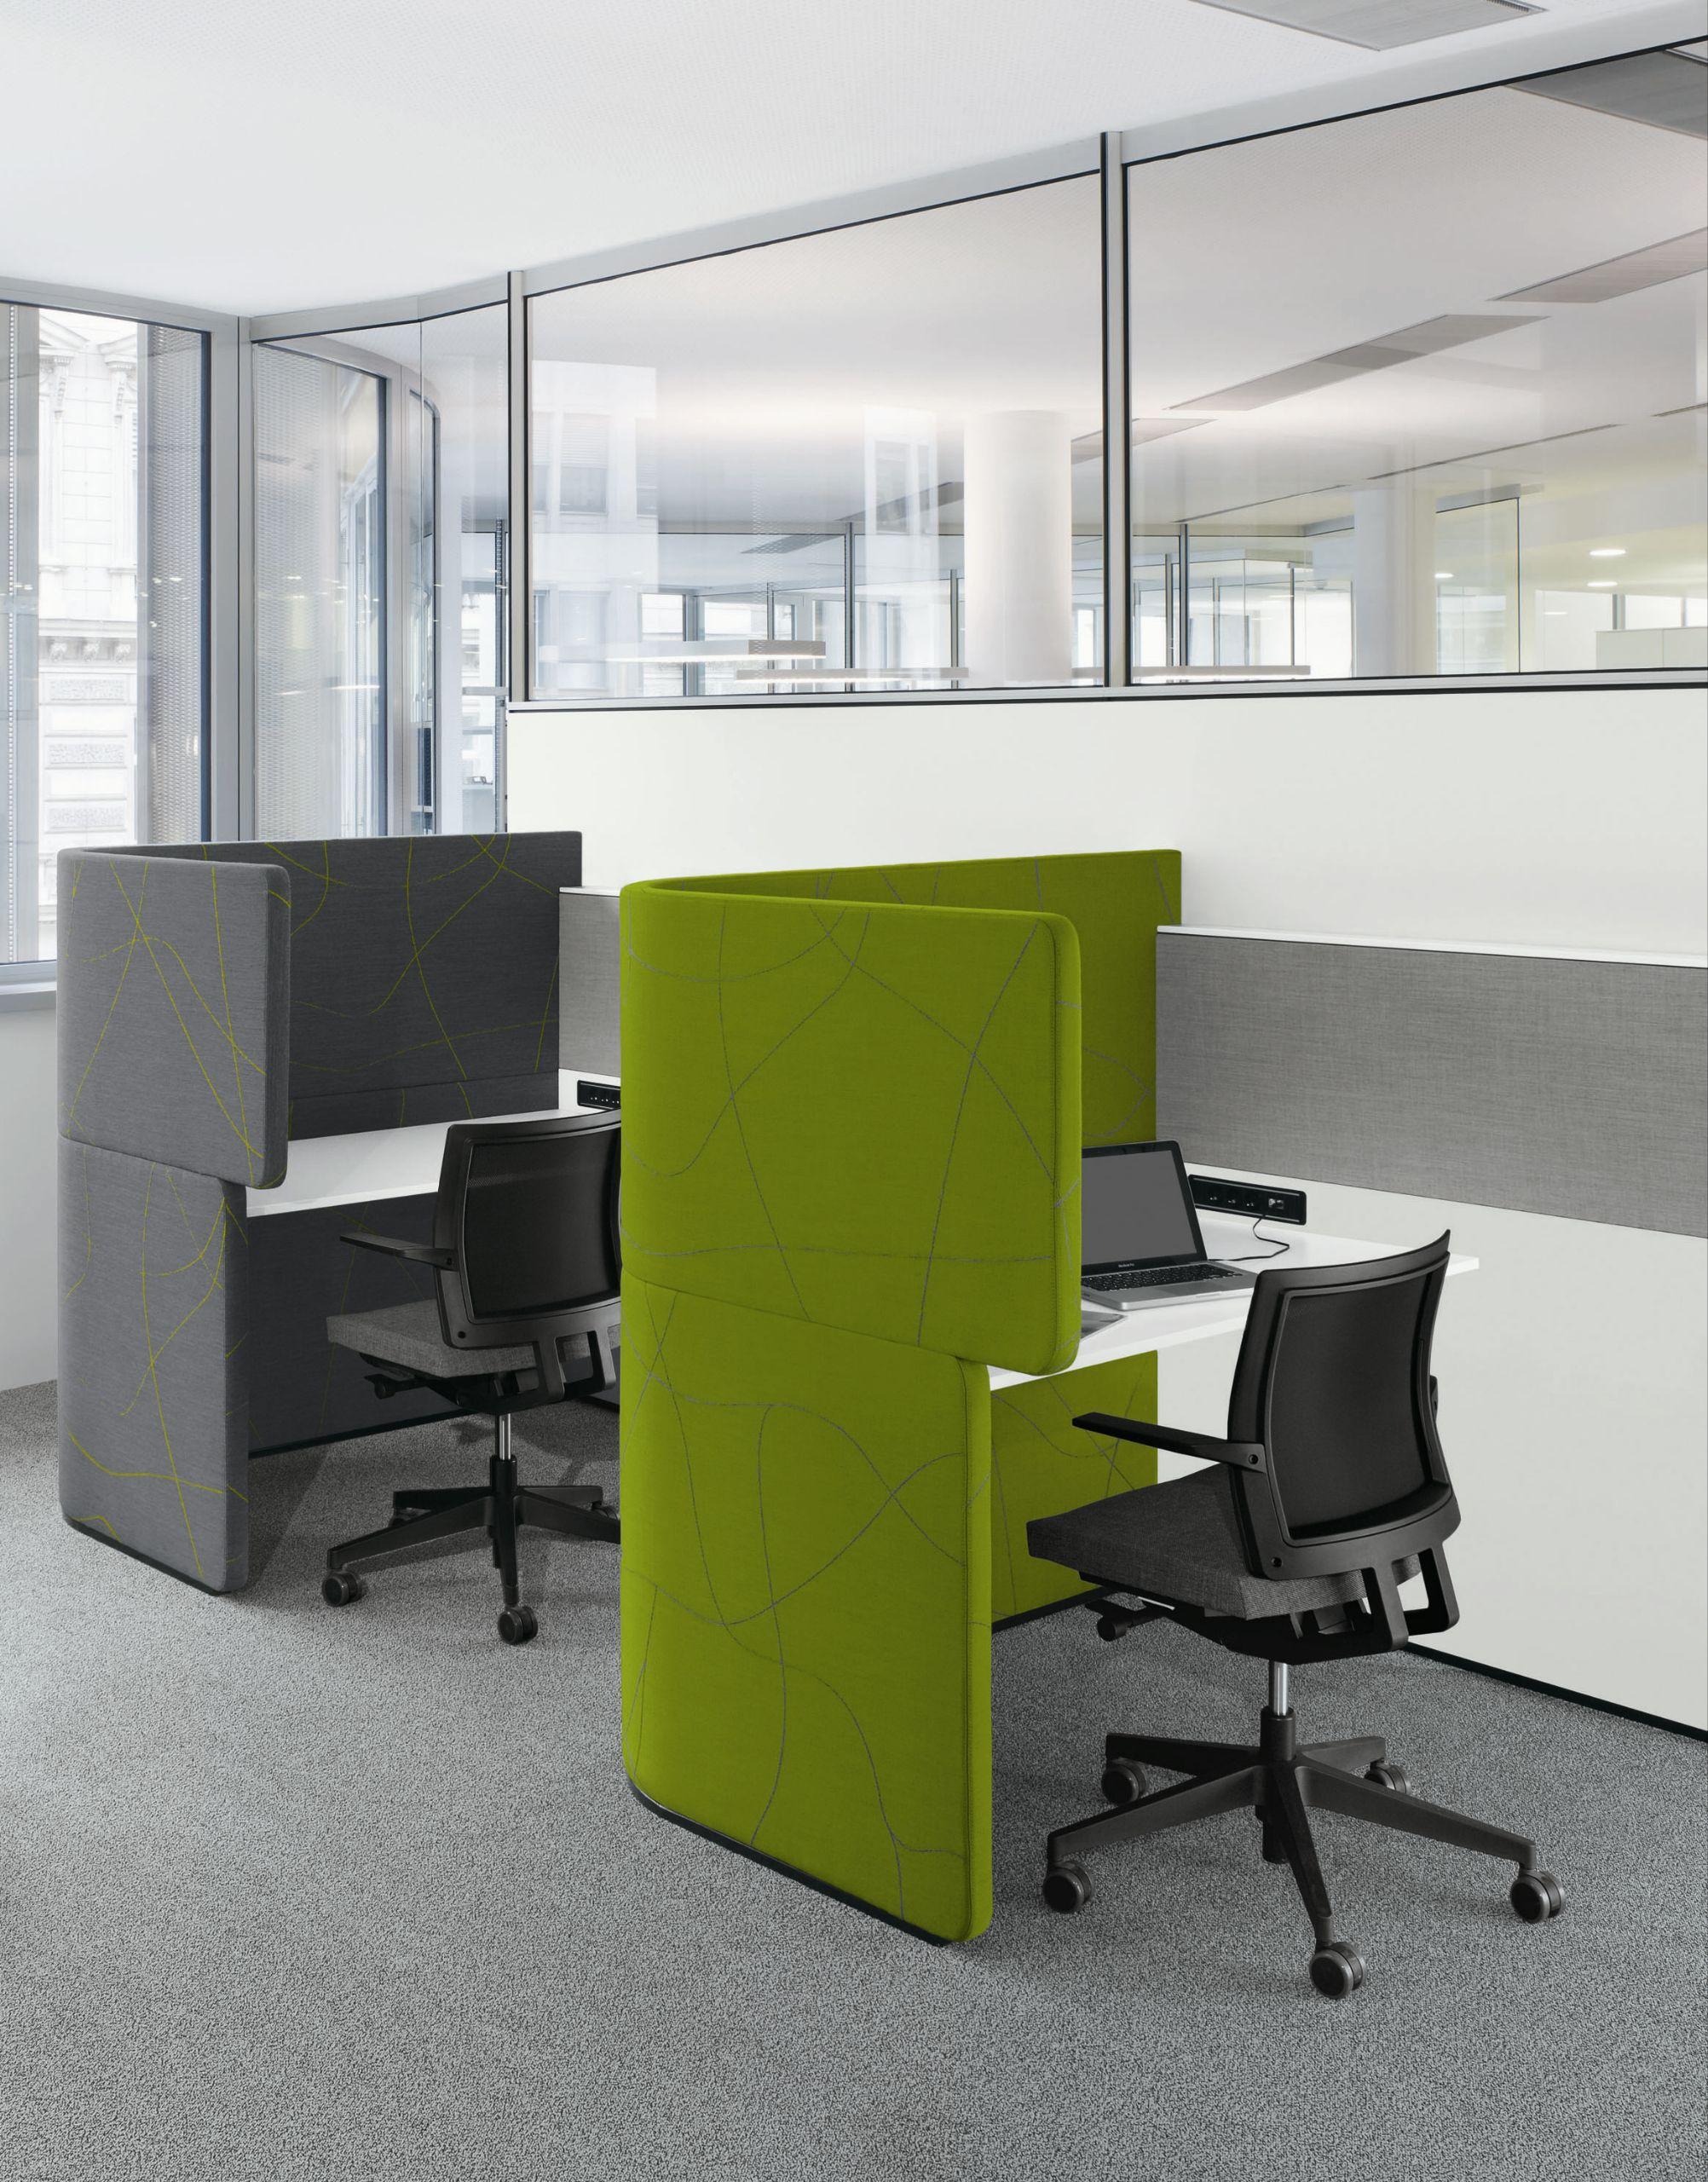 Büroeinrichtung design  MEHRERE BÜROEINRICHTUNG DOCKLANDS BY BENE | DESIGN PEARSONLLOYD ...